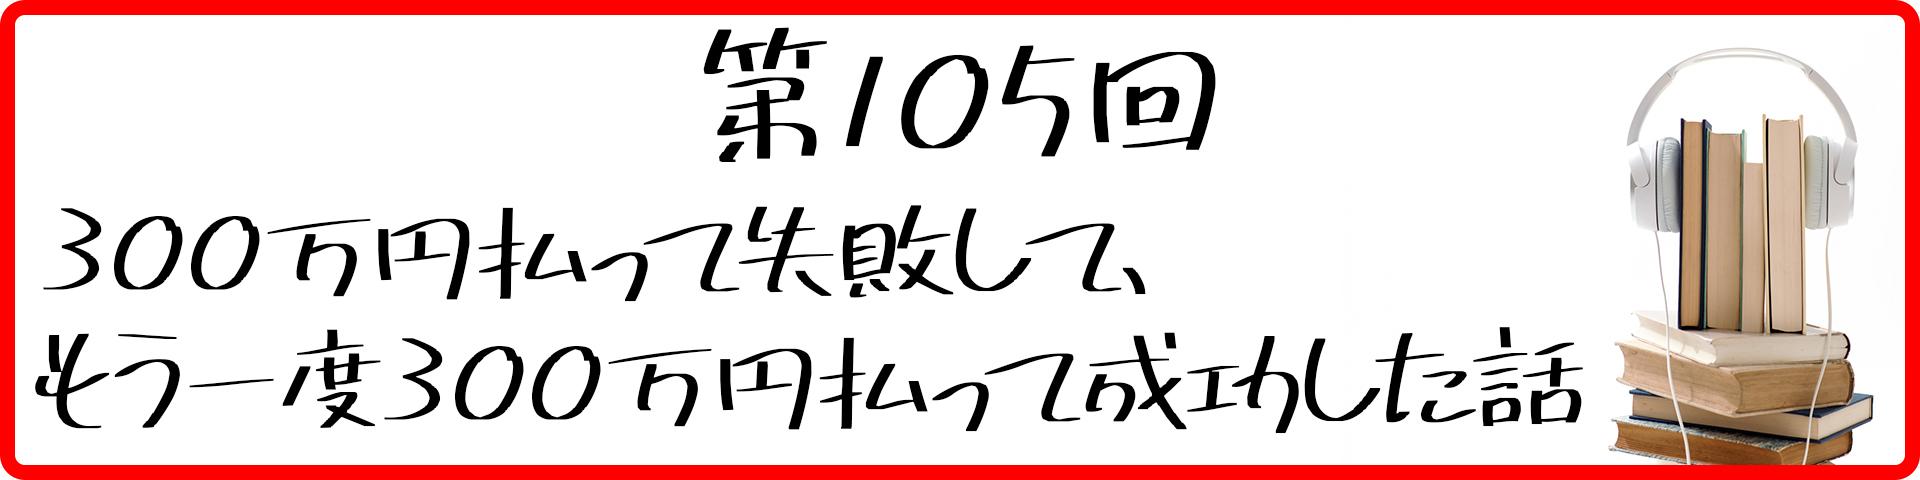 第105回